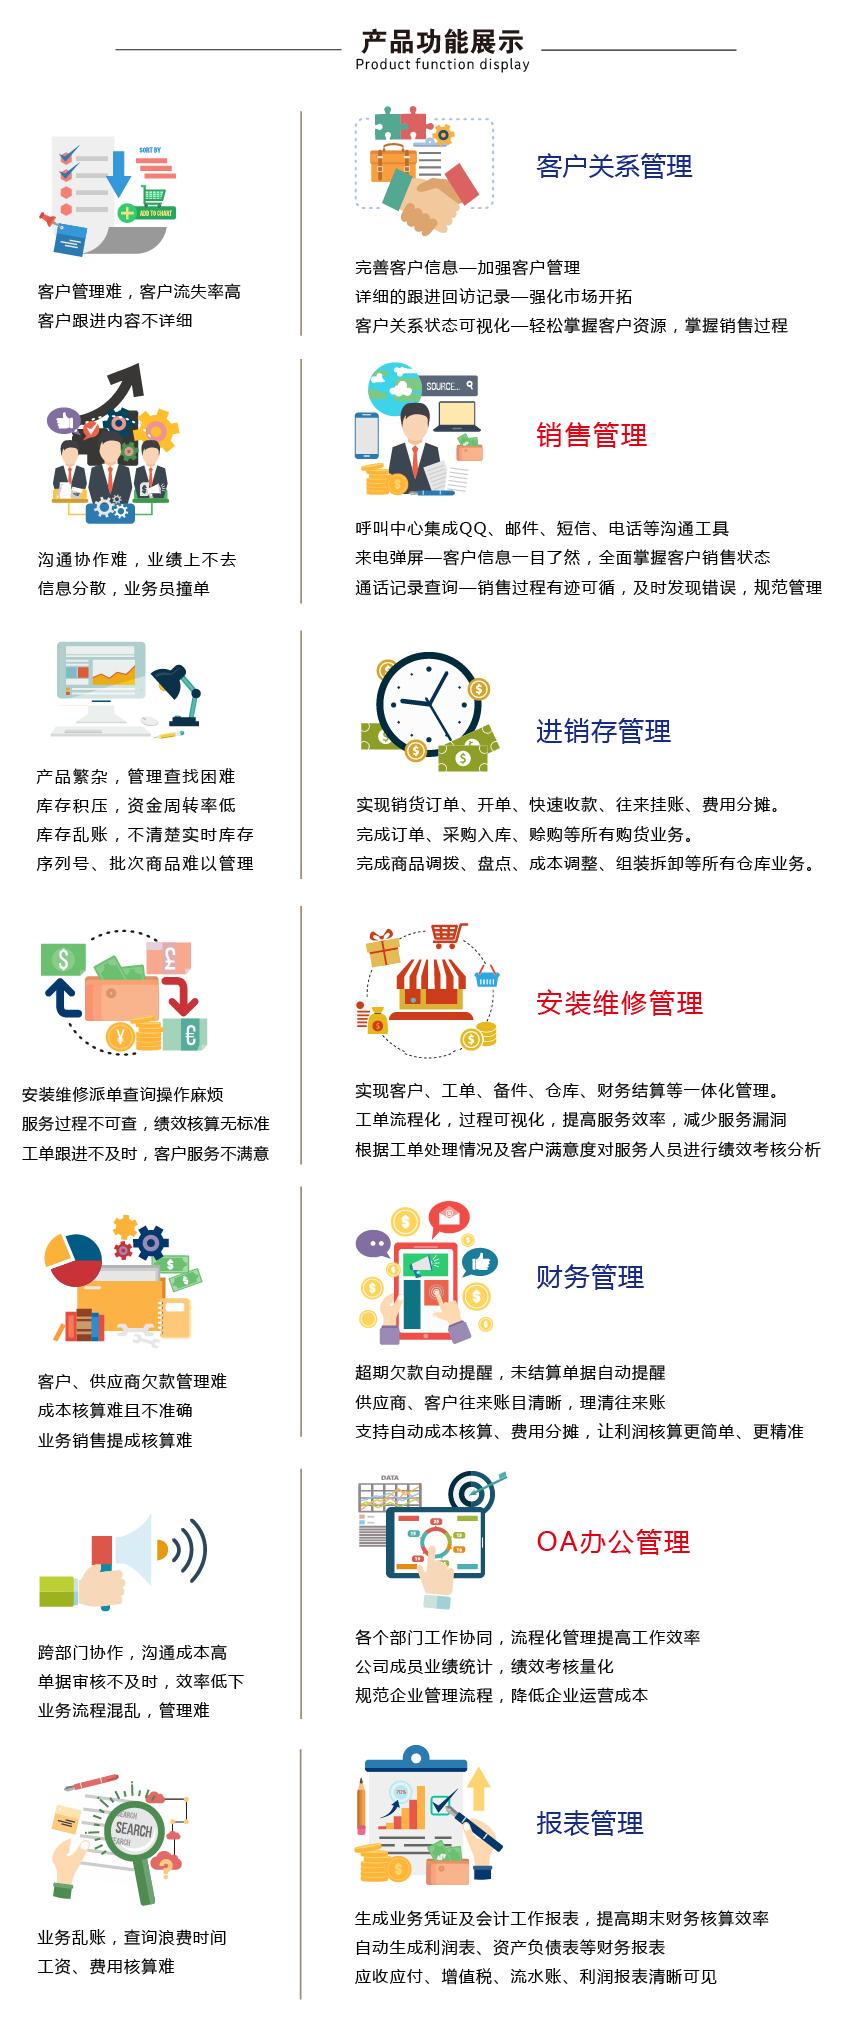 官网标准企业版-02.jpg